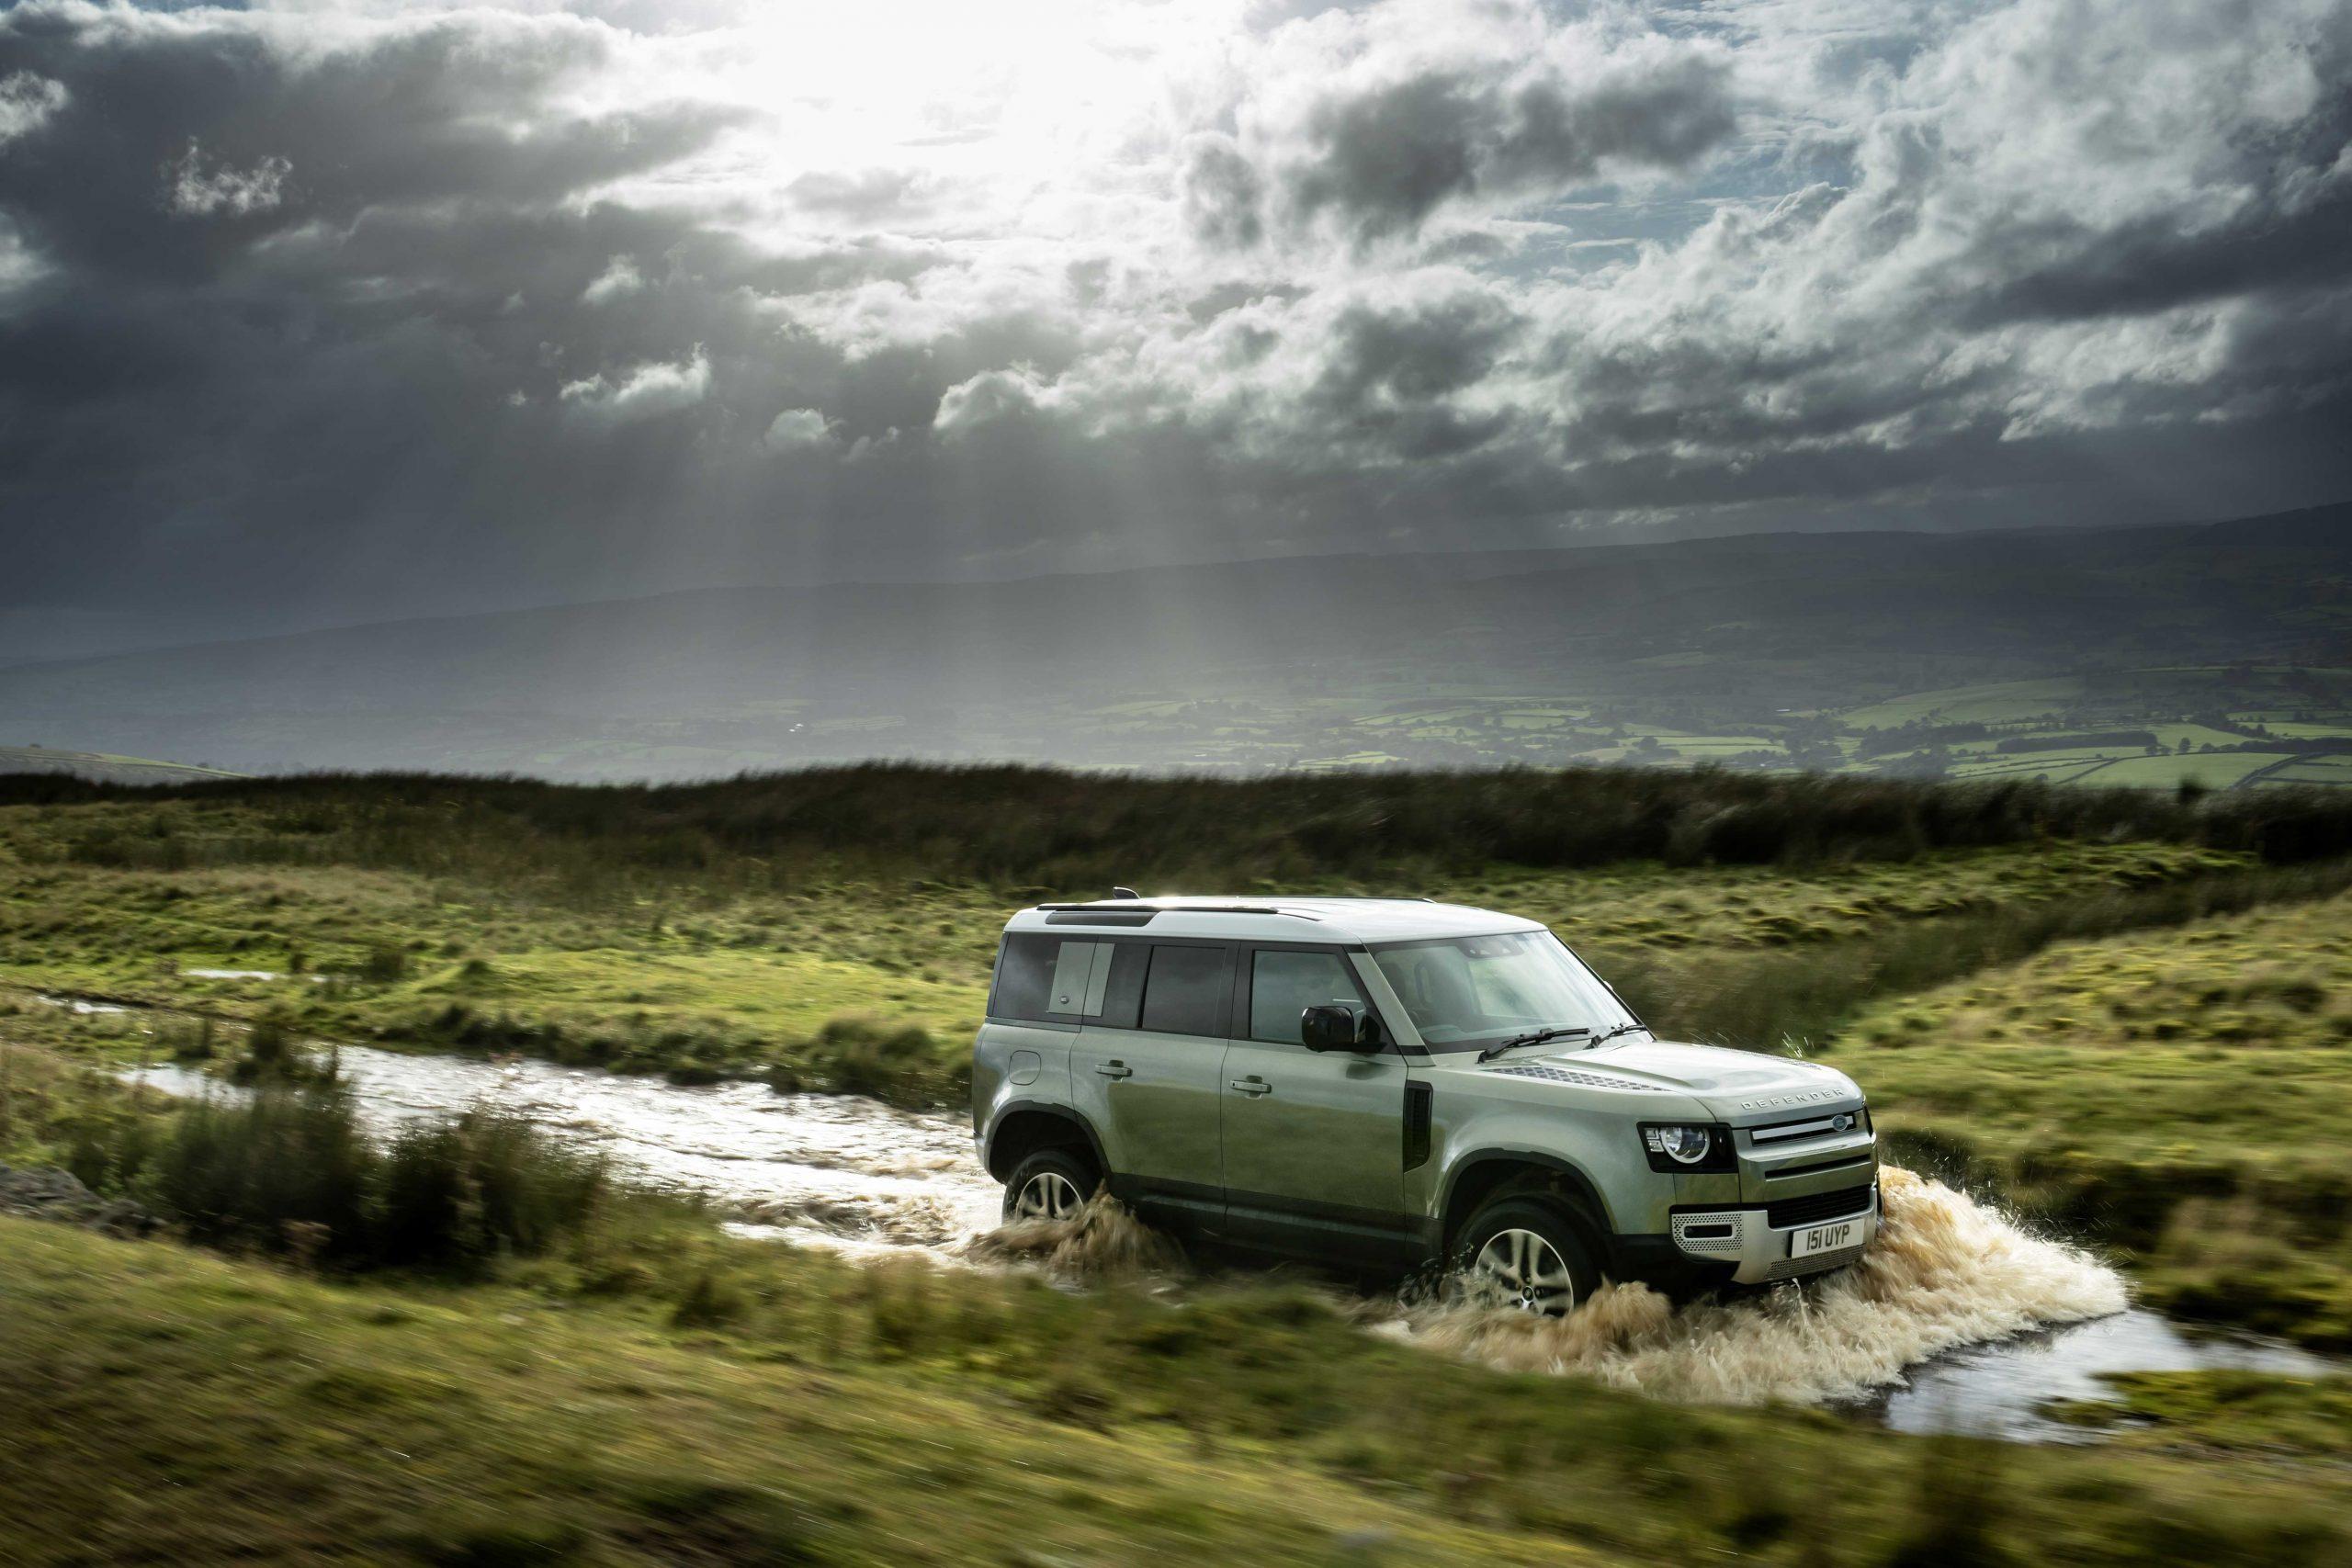 """Top Gear """"Yılın Otomobili"""" ve """"Durdurulamaz Güç"""" Ödülü Yeni Land Rover Defender'ın"""